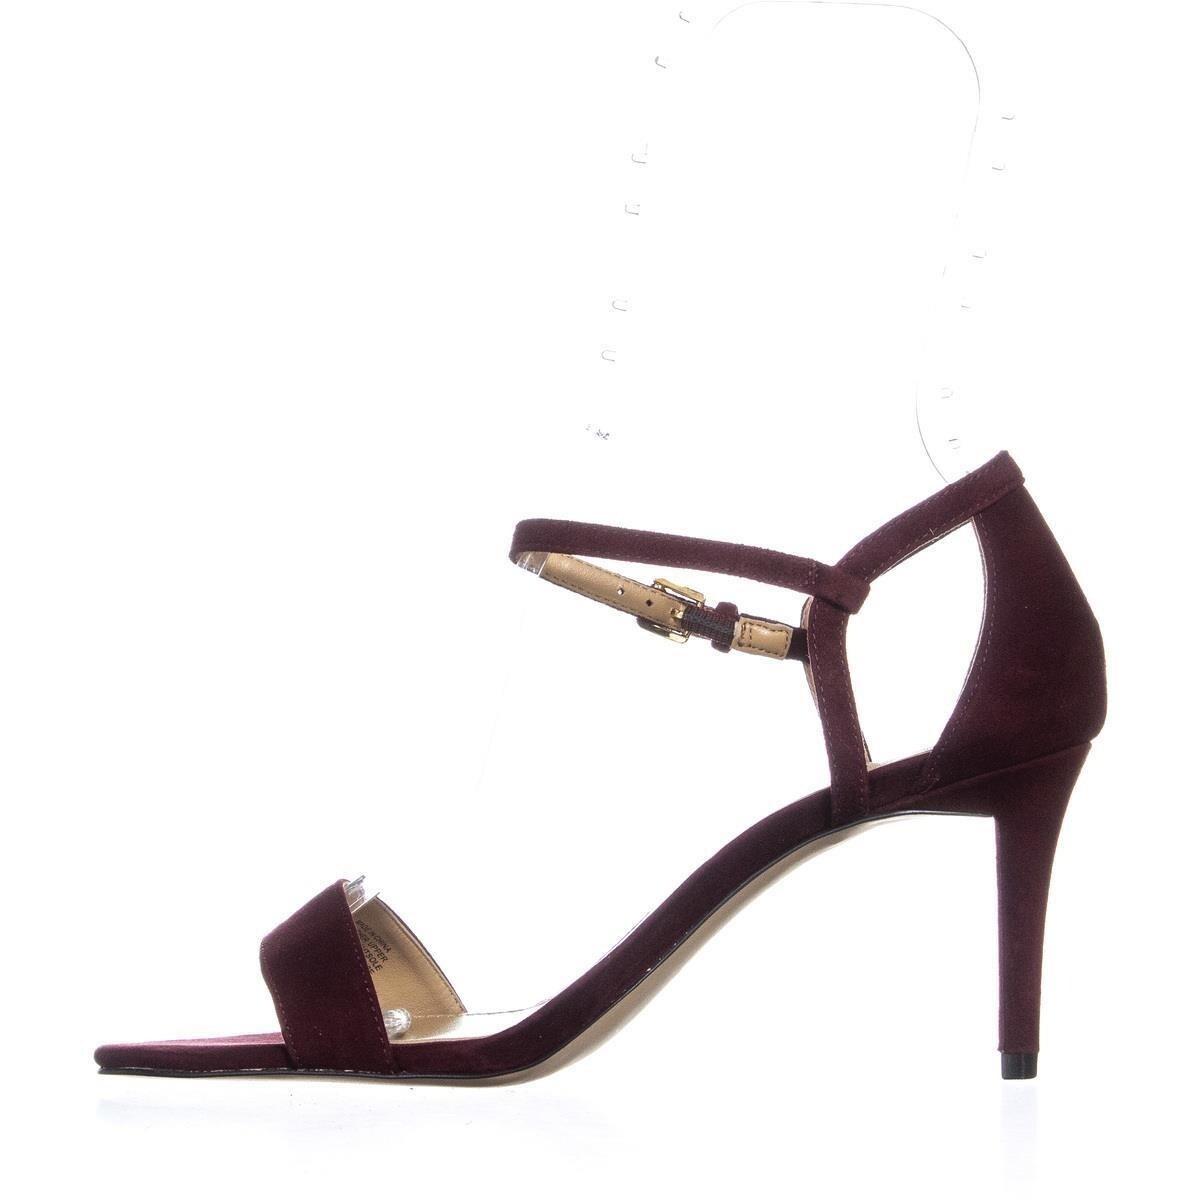 03747f5ba9c Shop MICHAEL Michael Kors Simone Mid Sandal Ankle Strap Sandals